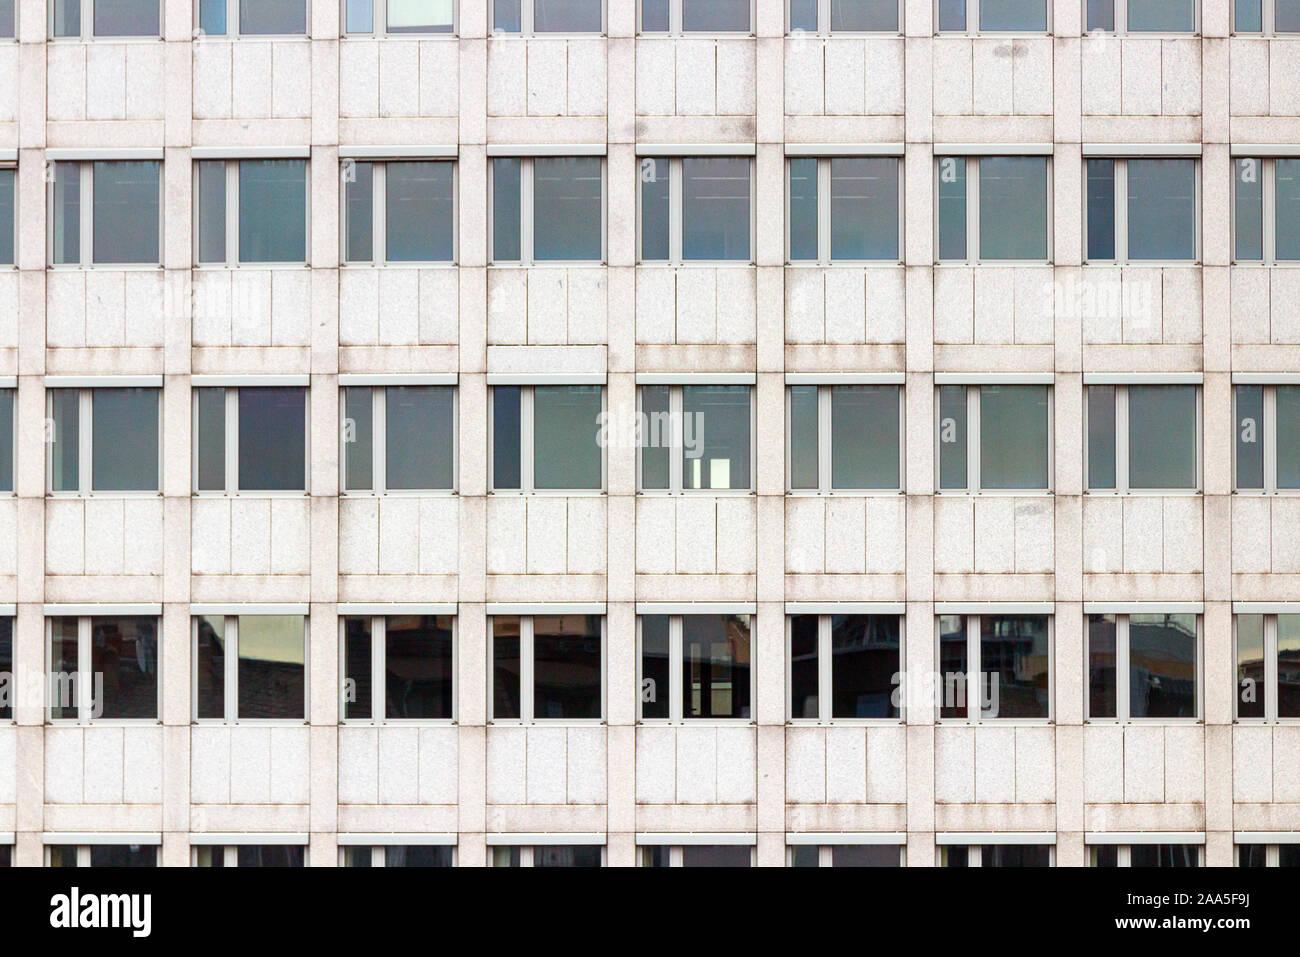 La facciata di colore grigio di un multipiano edificio per uffici con uno schema simmetrico di windows. Foto Stock